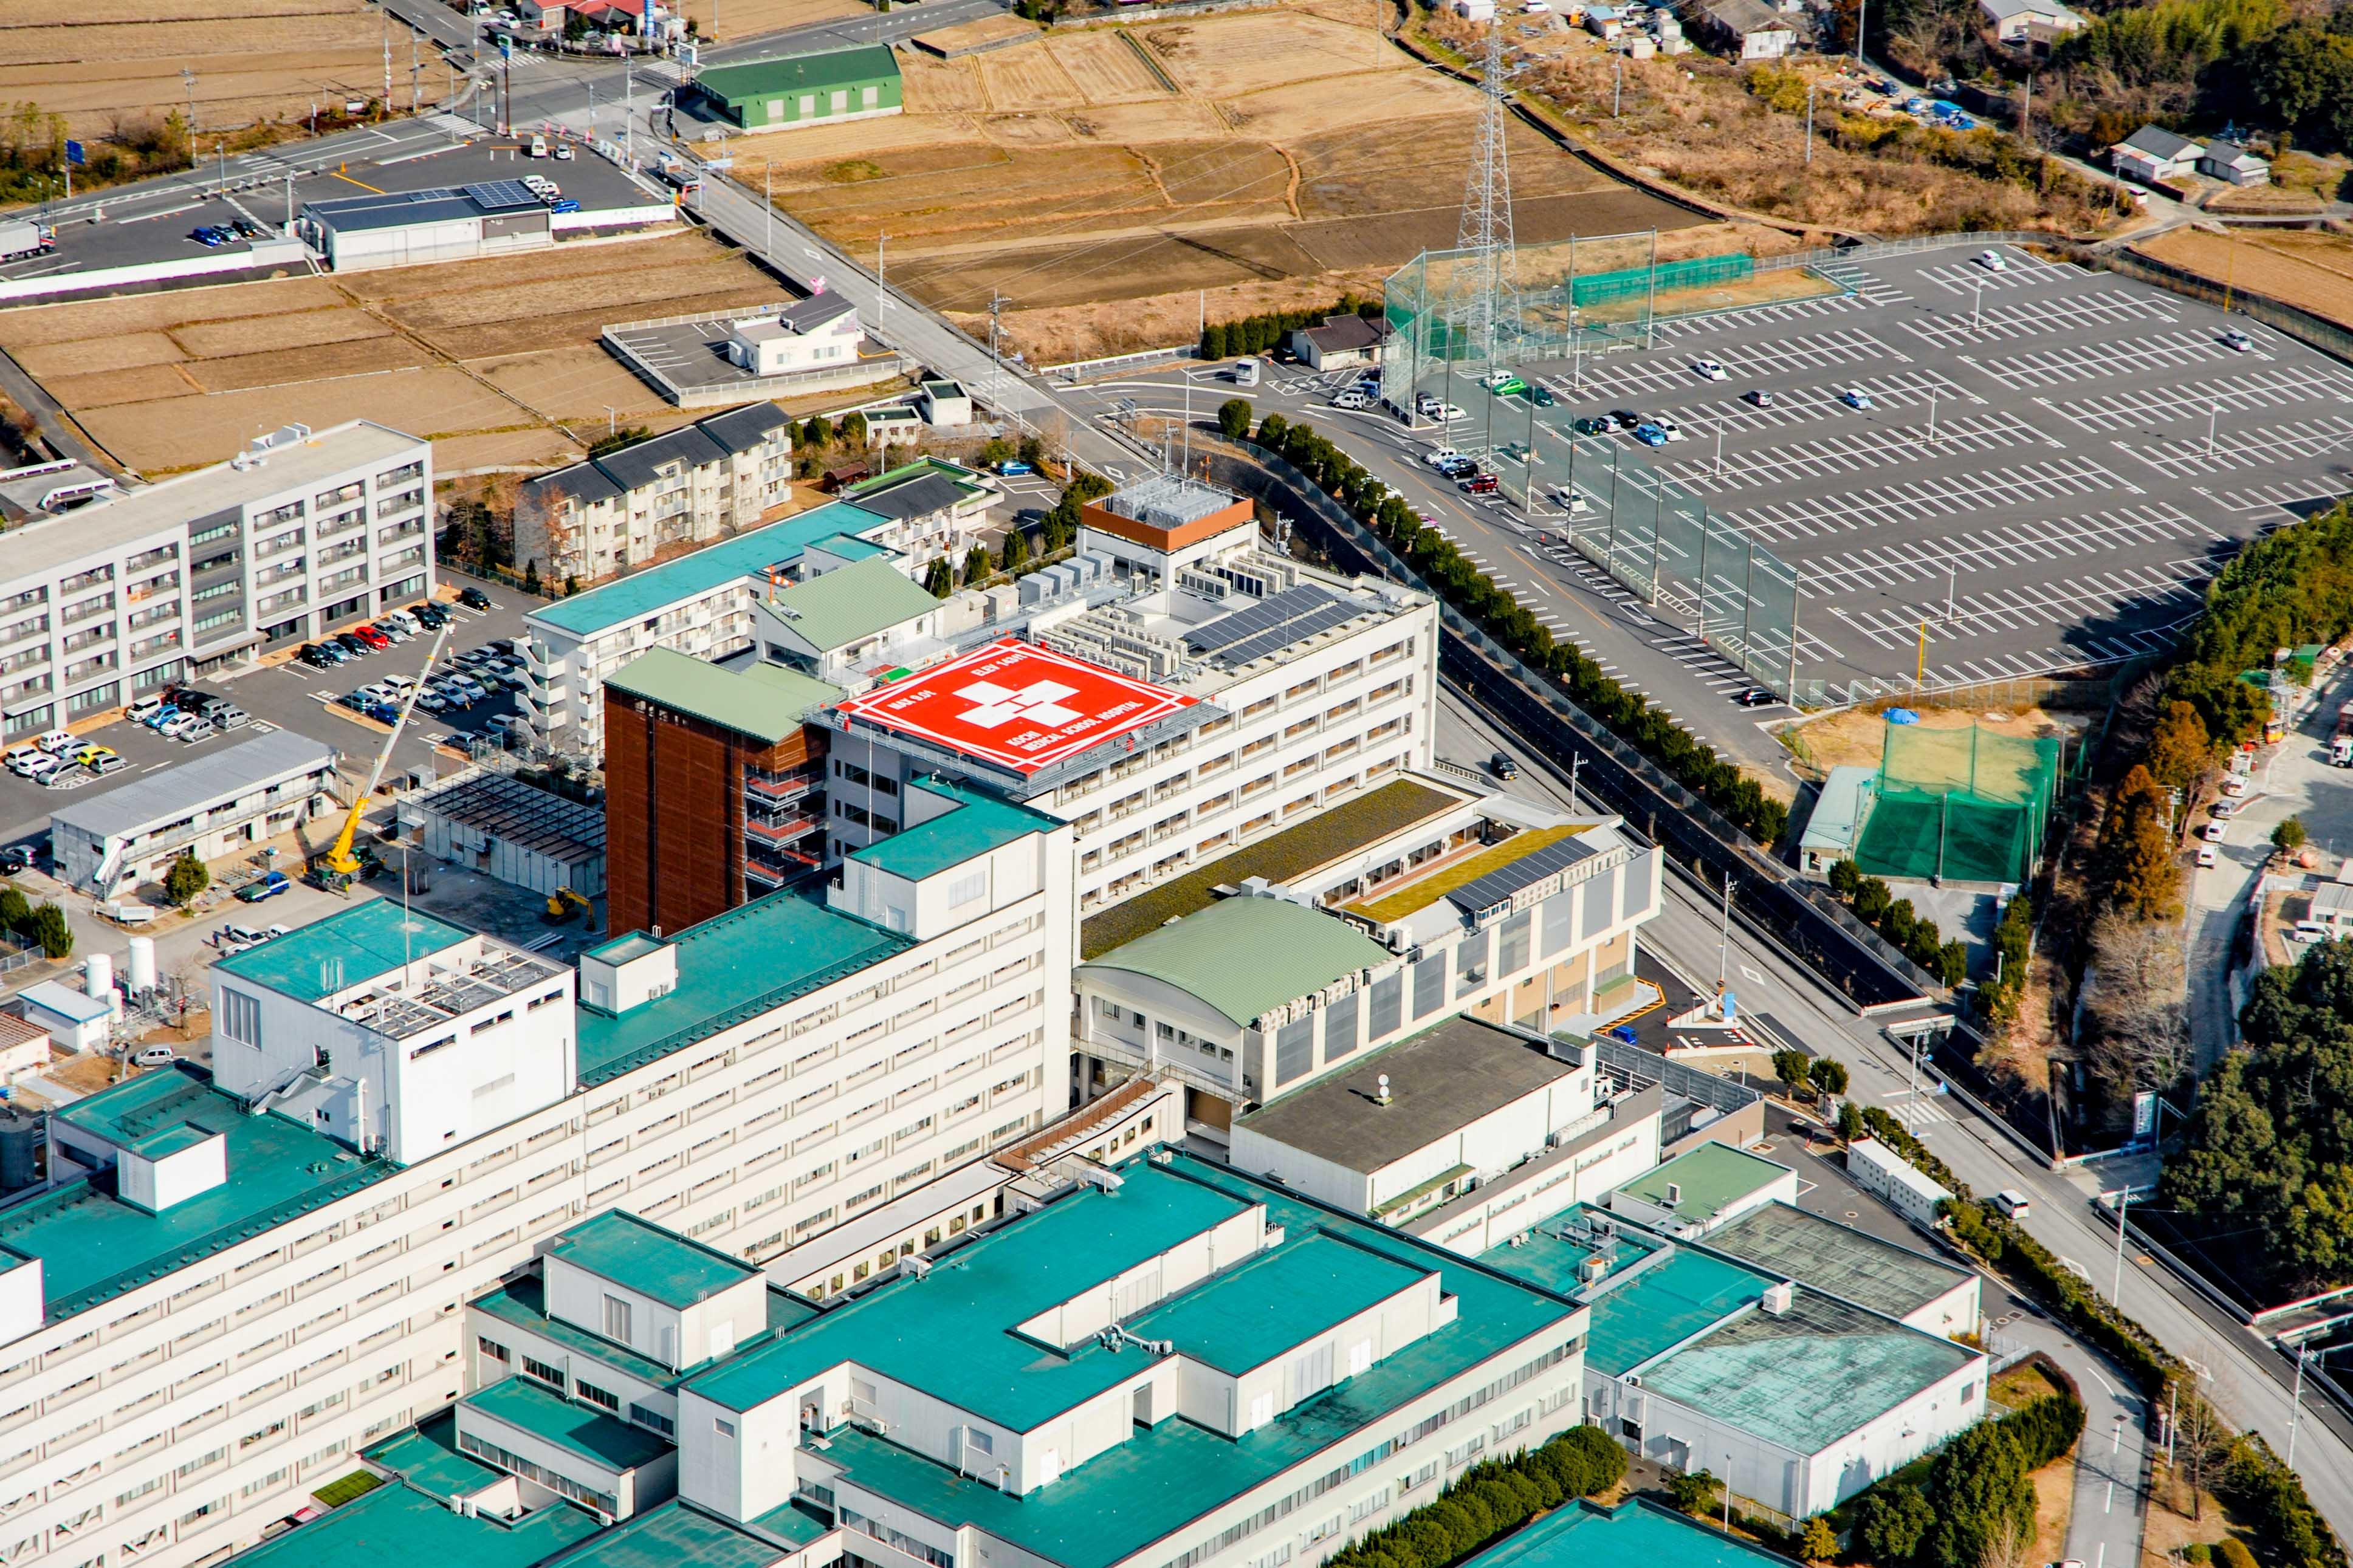 病院 医学部 高知 大学 附属